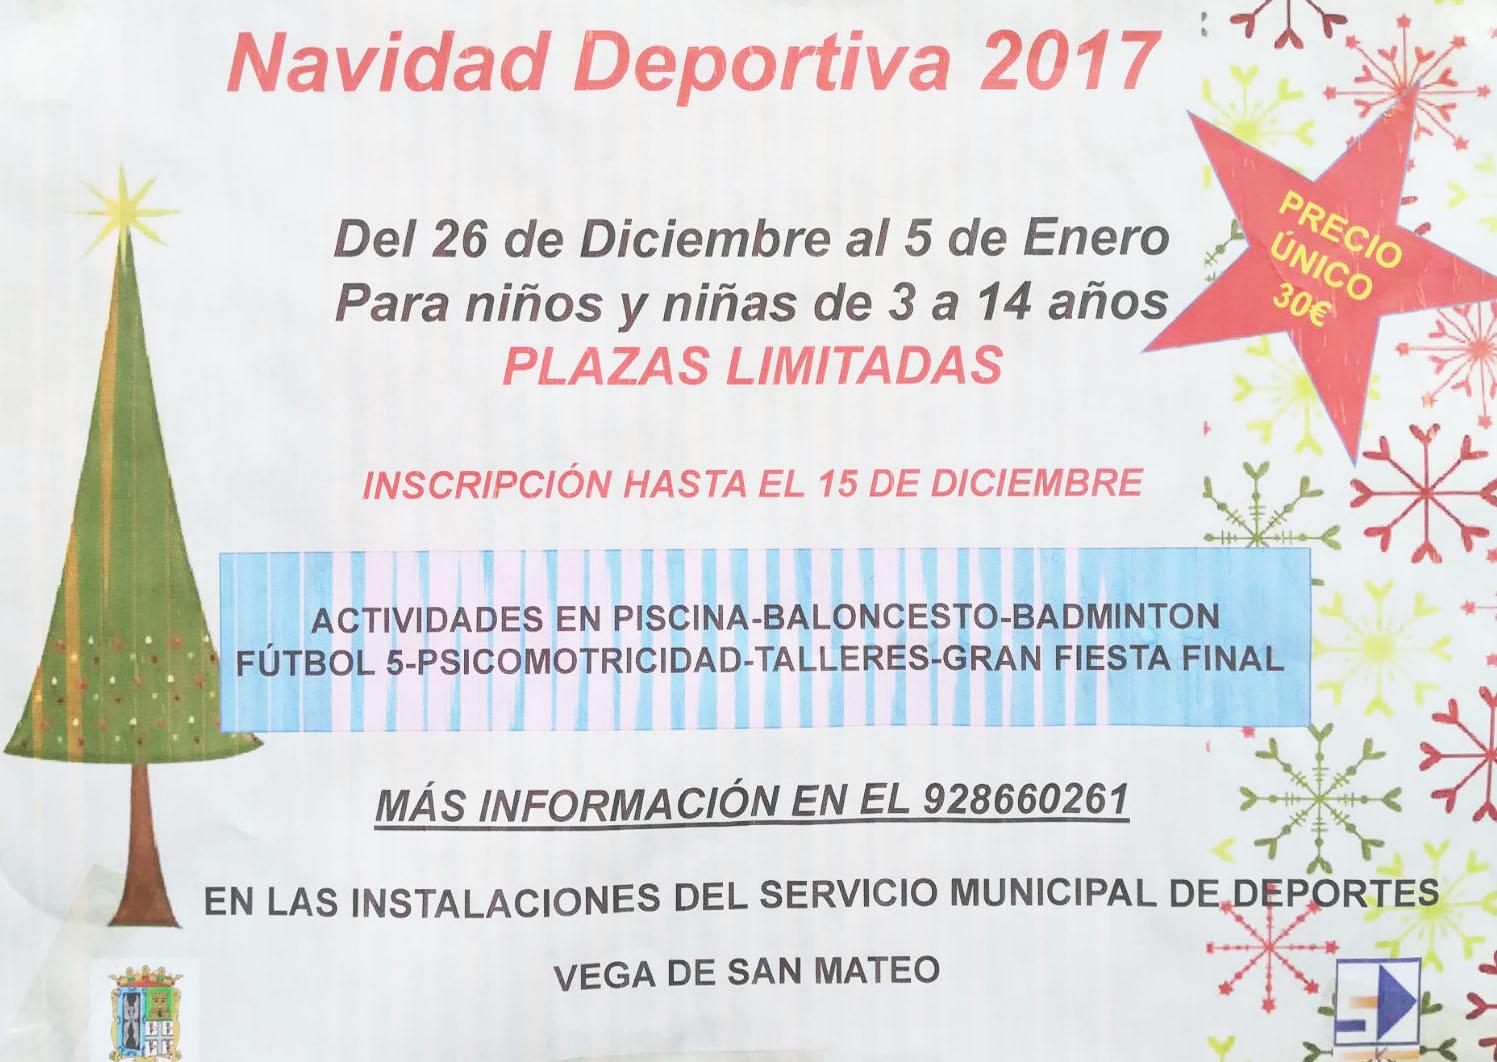 Navidad Deportiva 2017